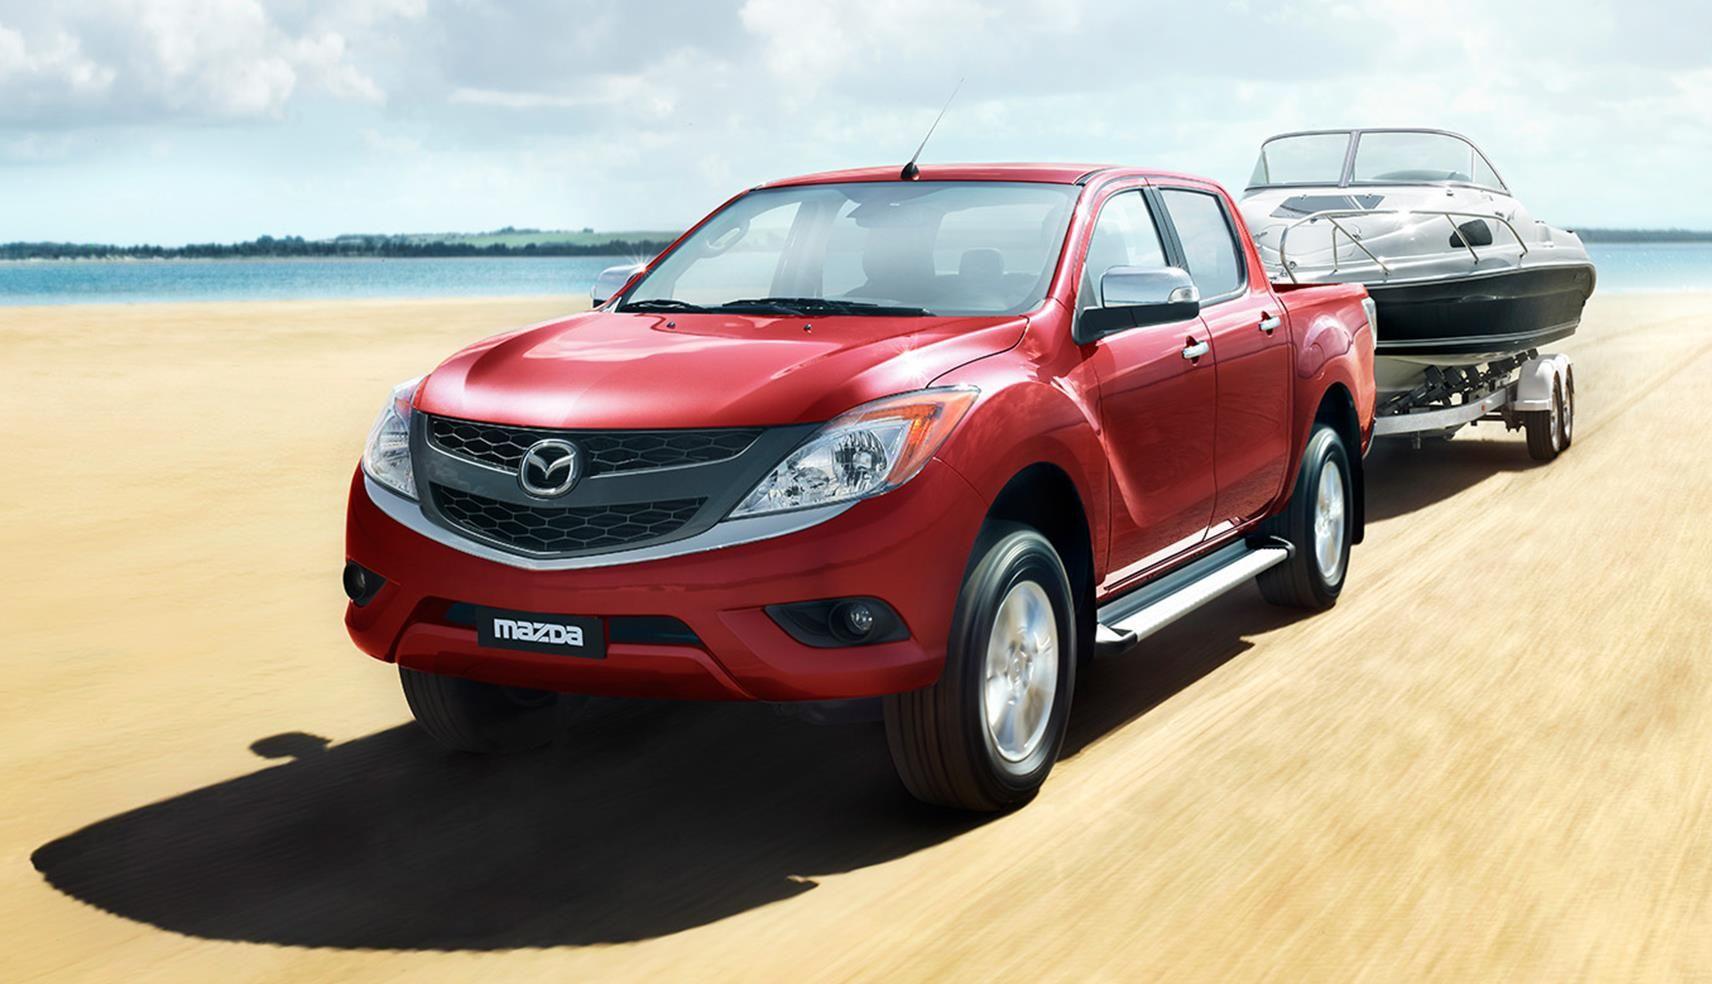 Mazda Bt 50 Http Tweedcoastmazda Com Au New Mazda Bt50 Tweed Heads Html Mazda Mazda Cars Ford Ranger